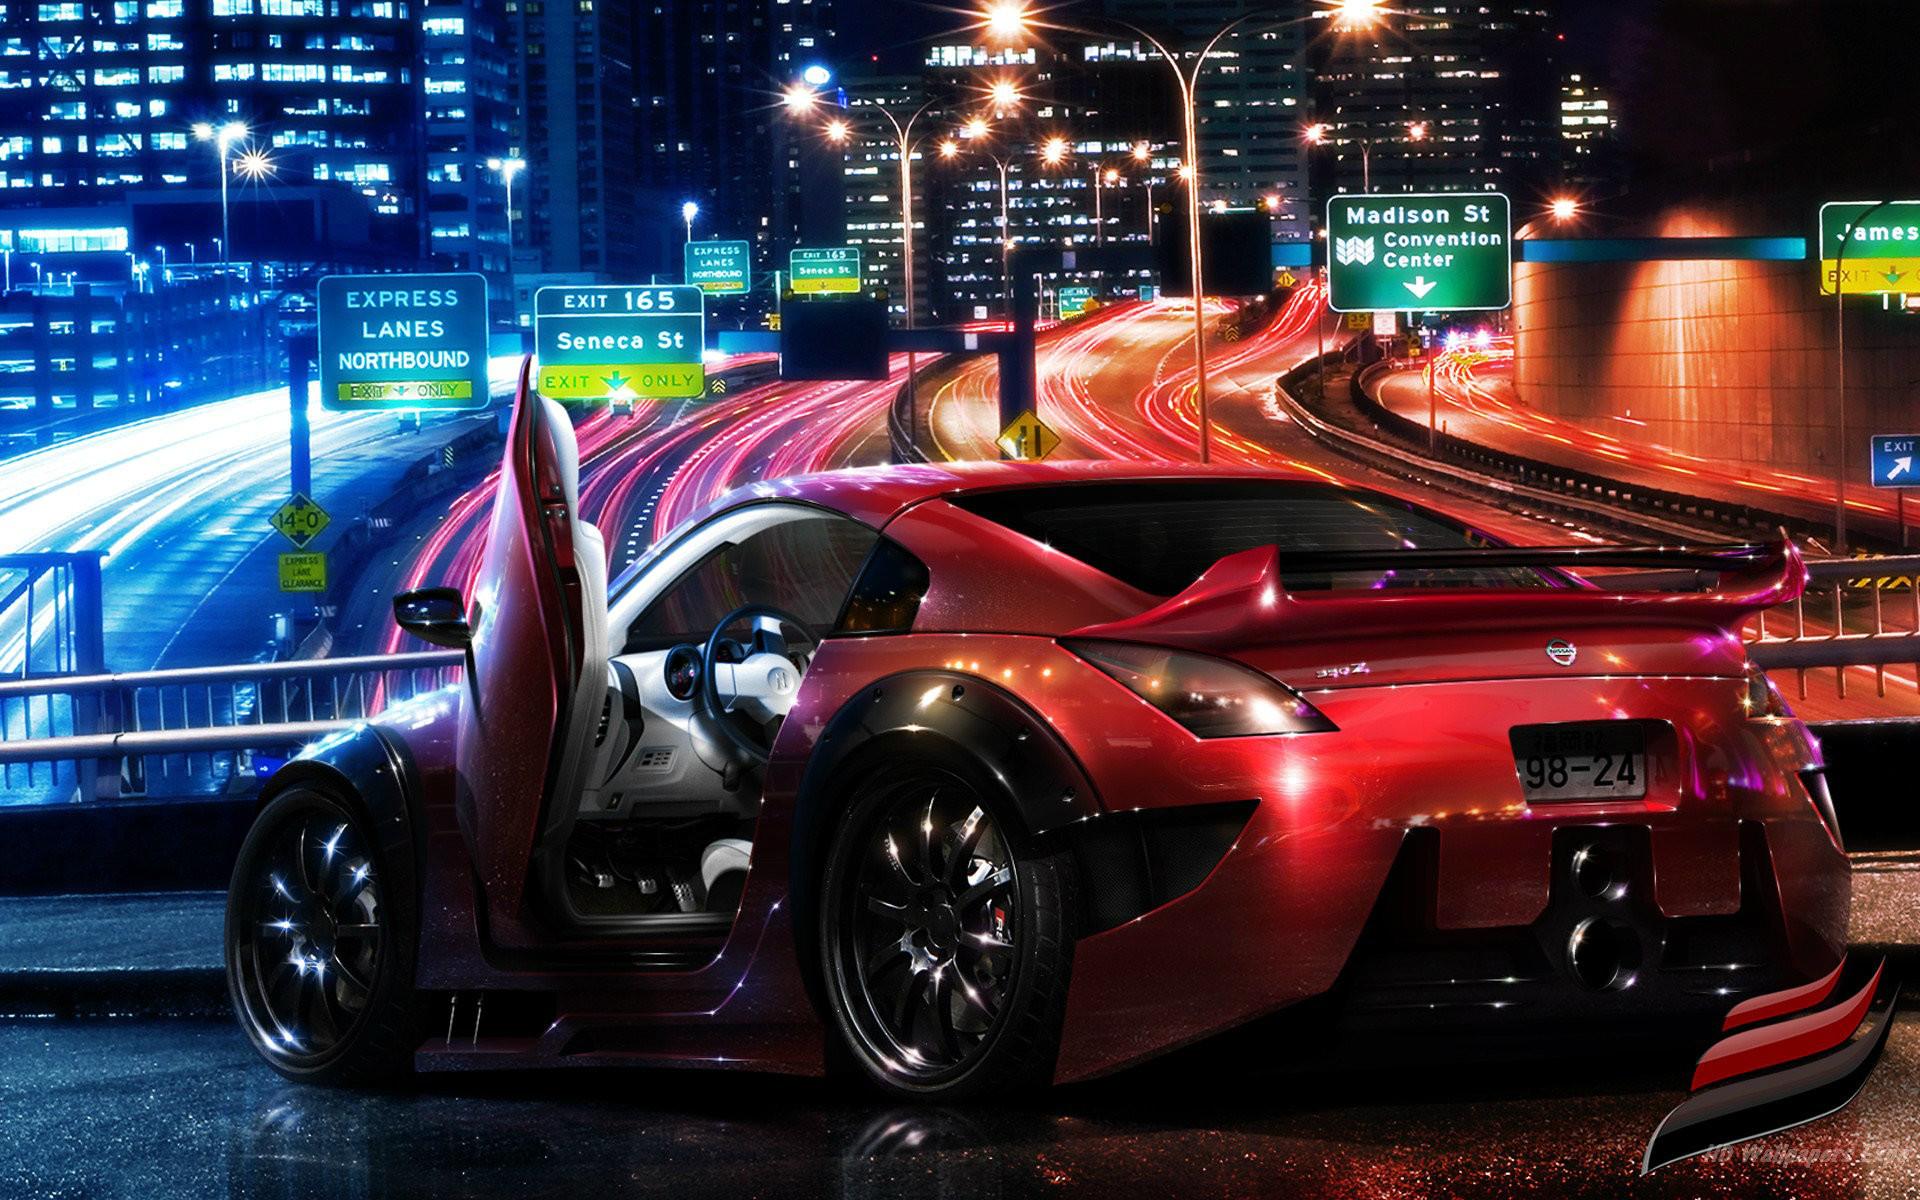 Car Racing Games Wallpaper Full HD 1080p